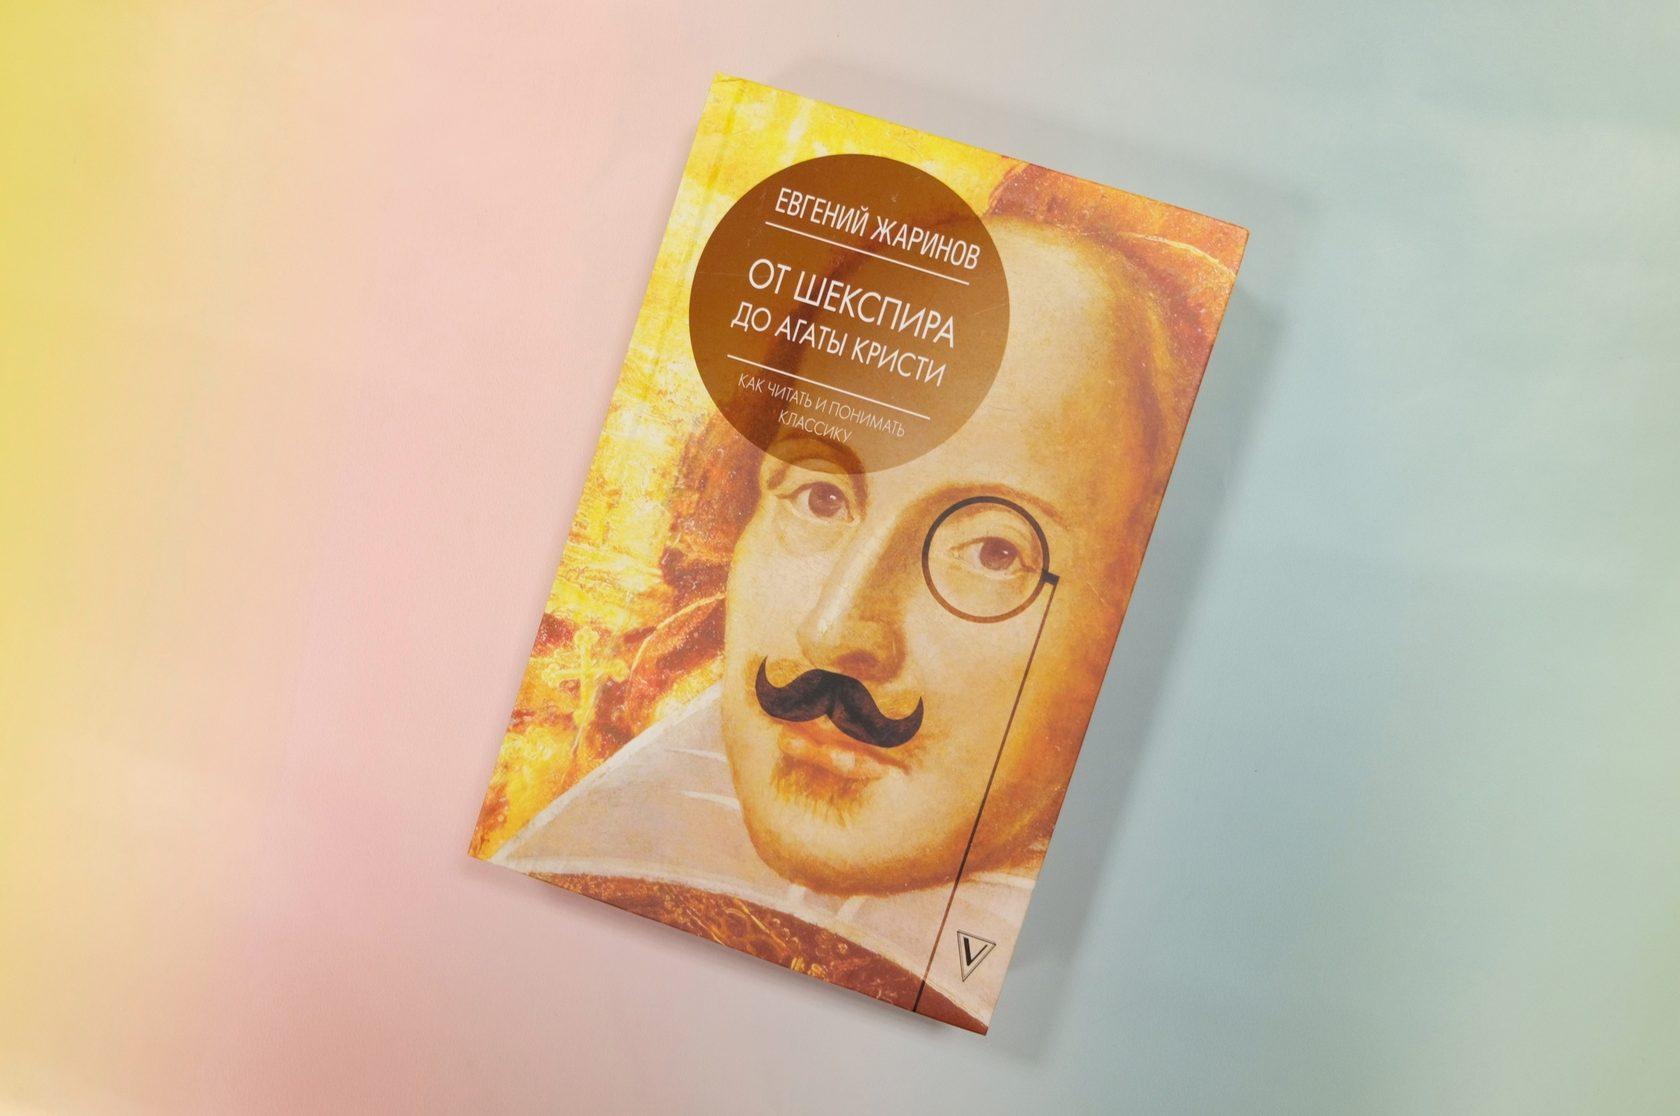 Евгений Жаринов «Как читать и понимать классику. От Шекспира до Агаты Кристи»